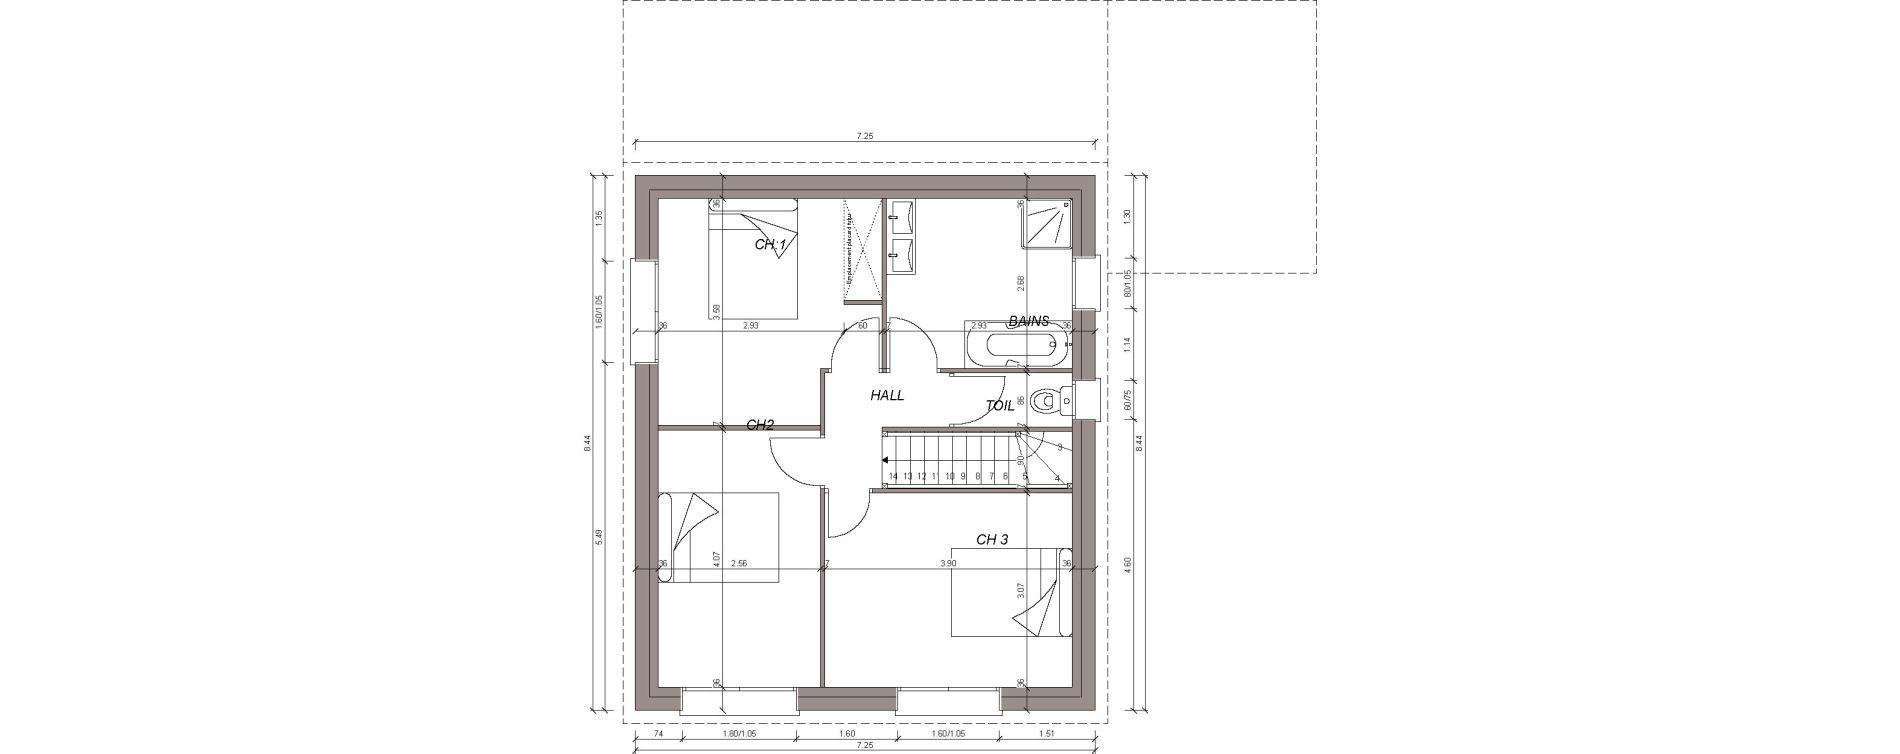 Maison T4 de 110,65 m2 à Plouzané Plouzane la trinité